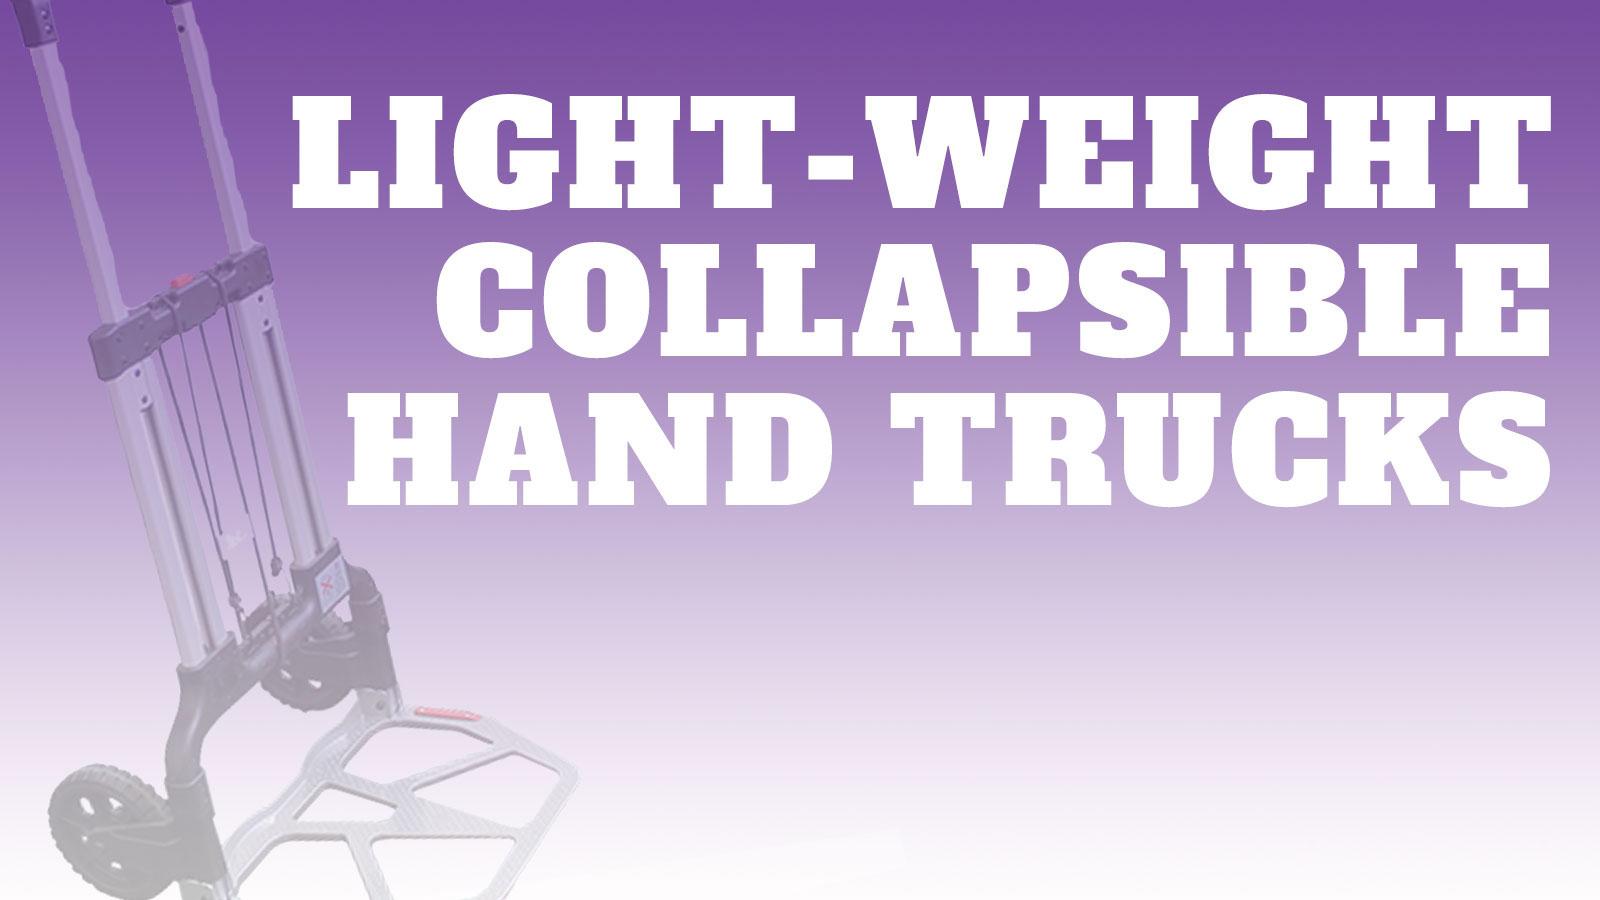 HandTruck-Light-Weight